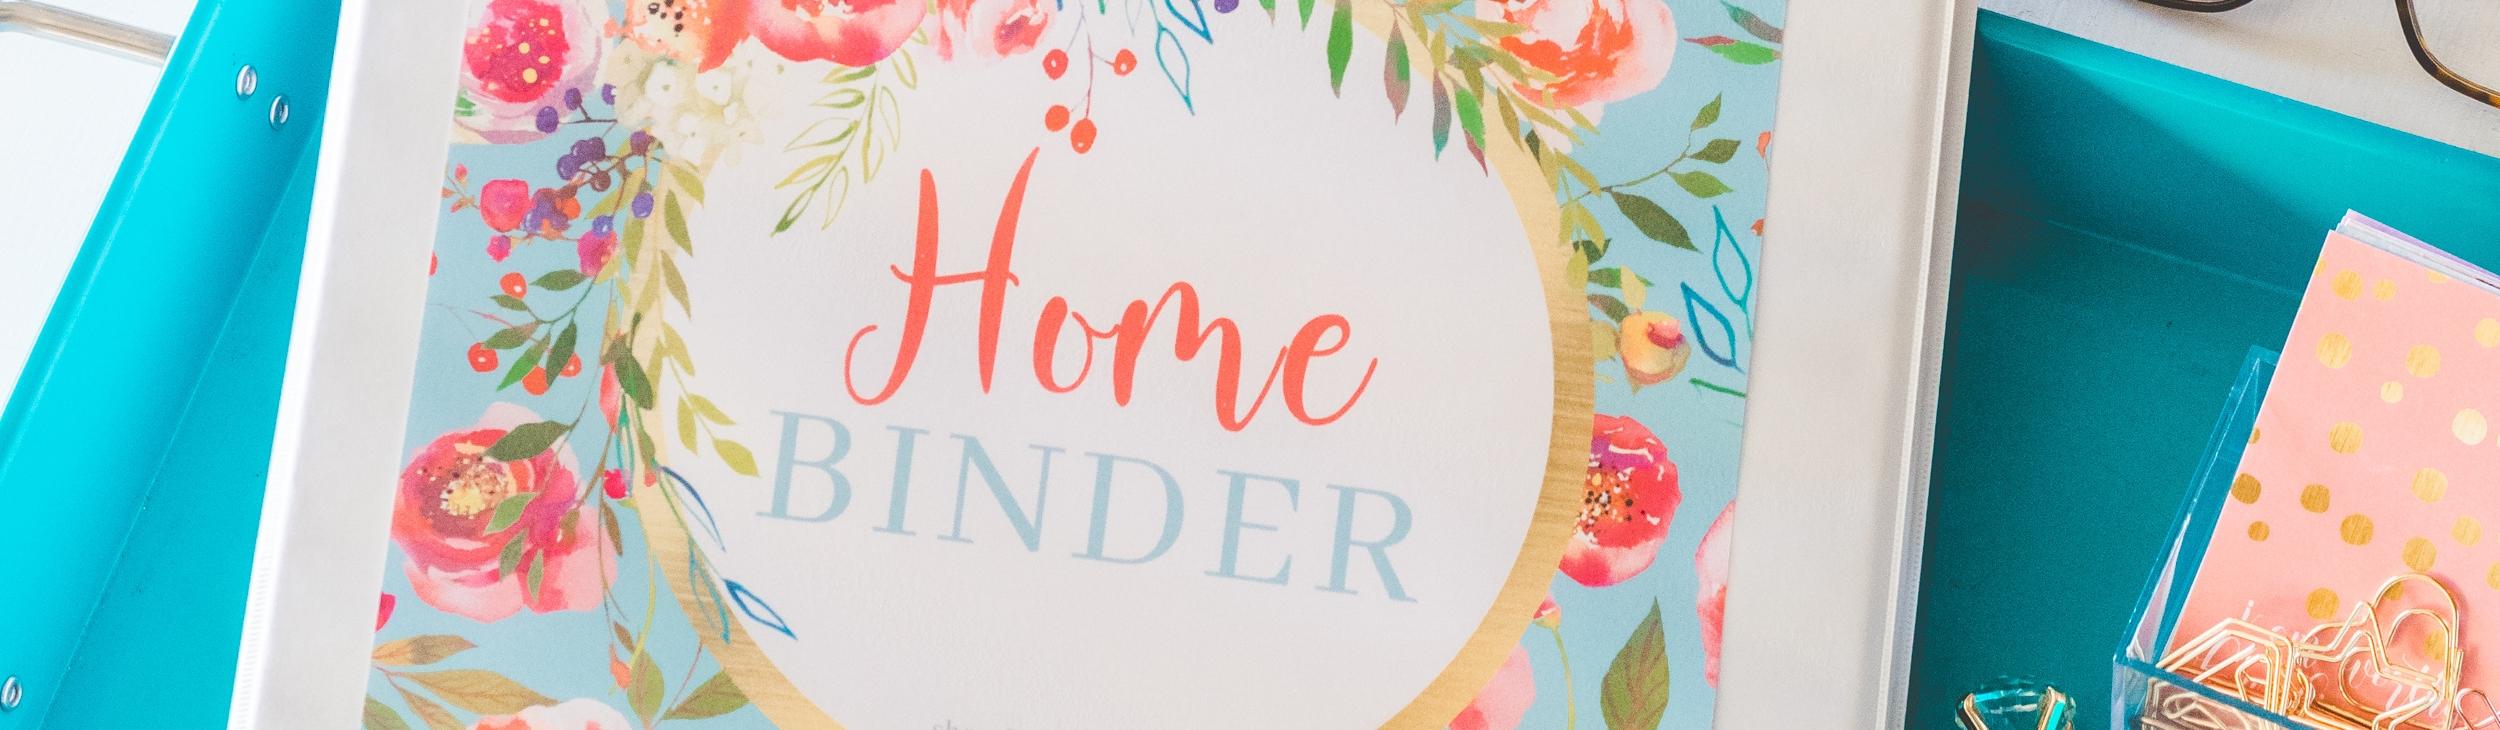 Carrie Elle Printable Club Home Binder